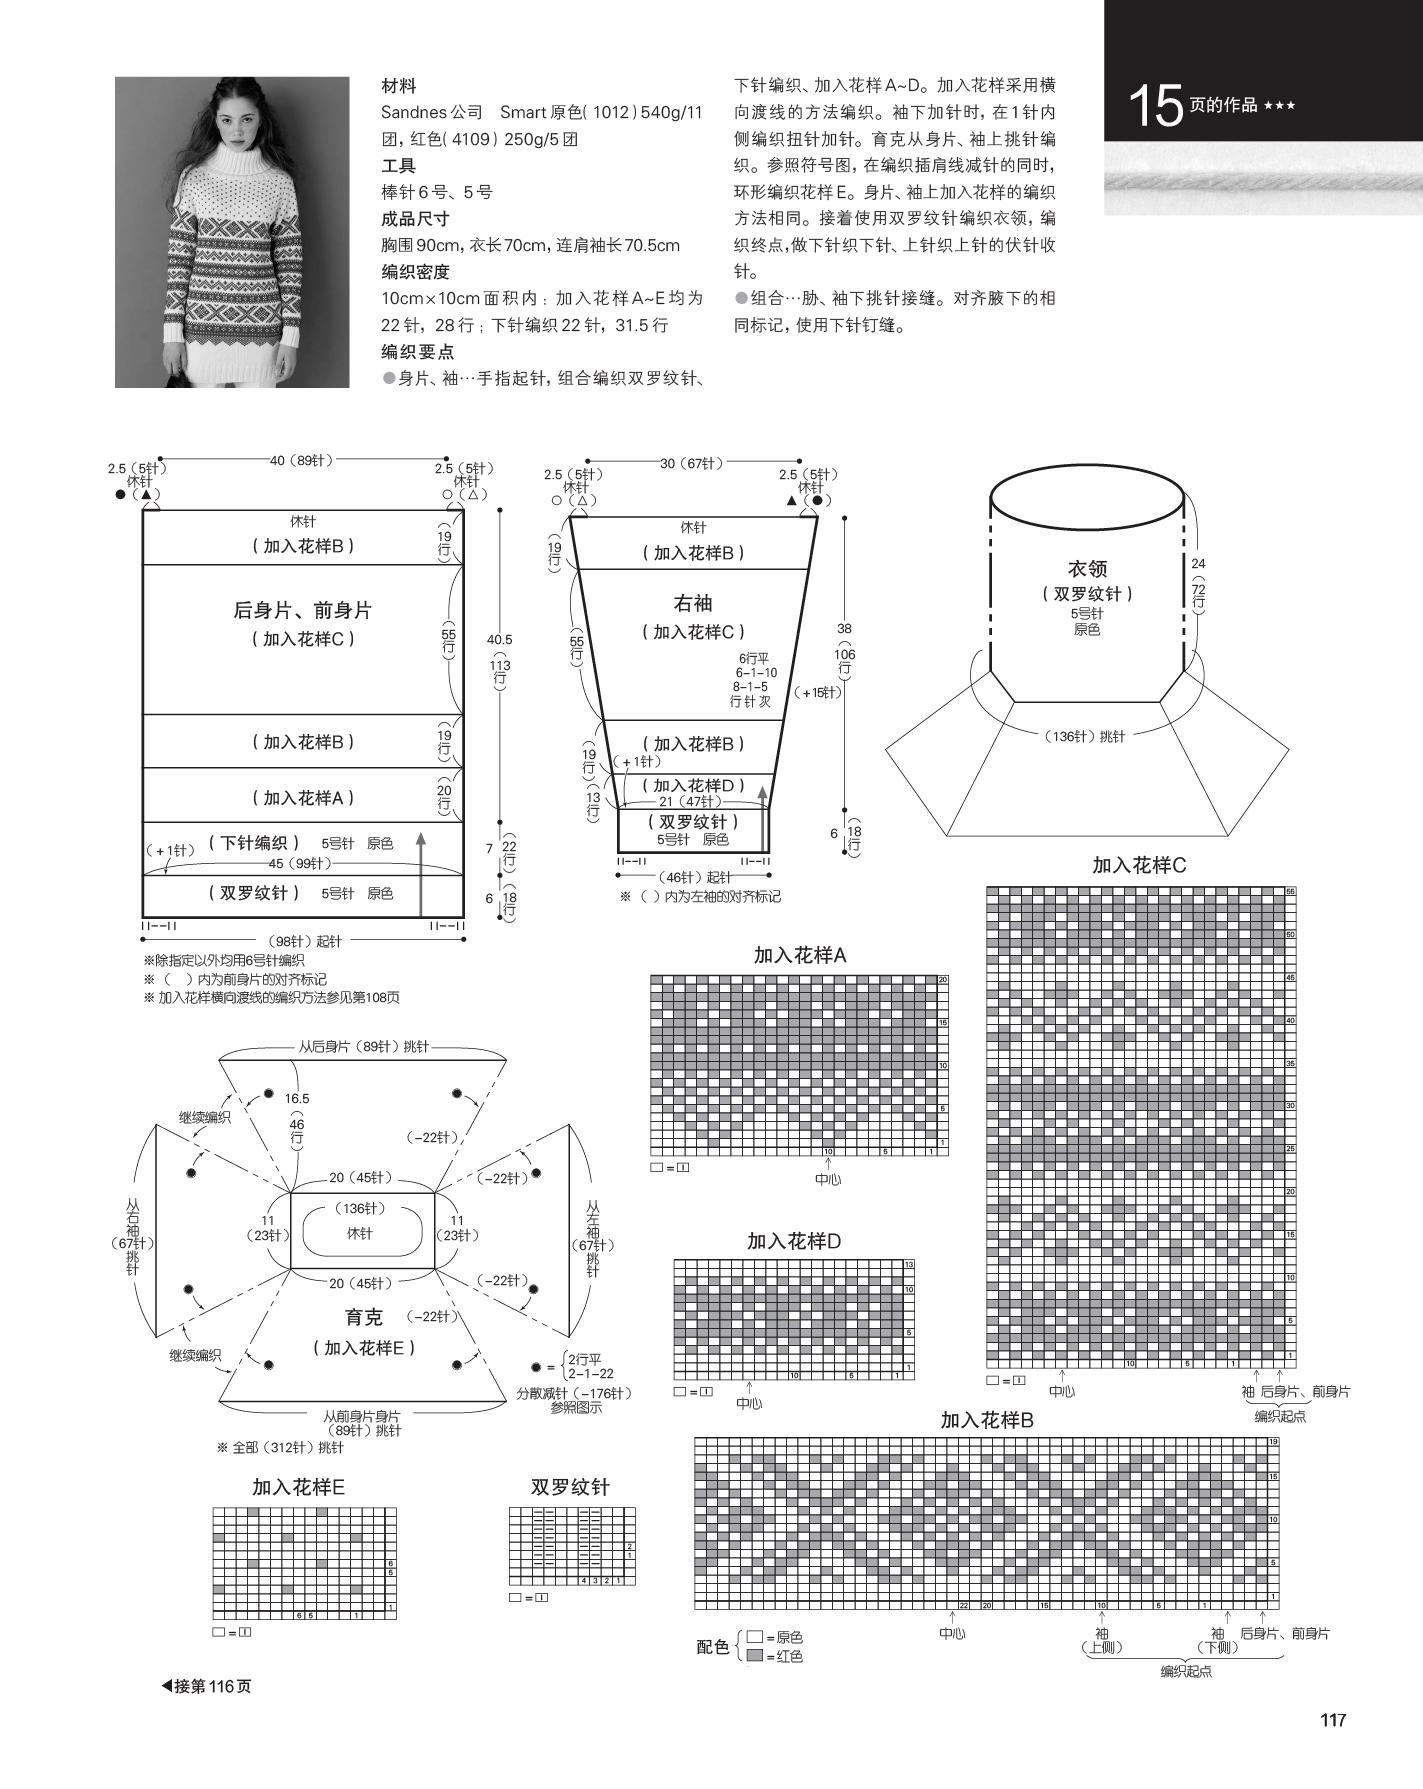 毛线球12内文-117.jpg